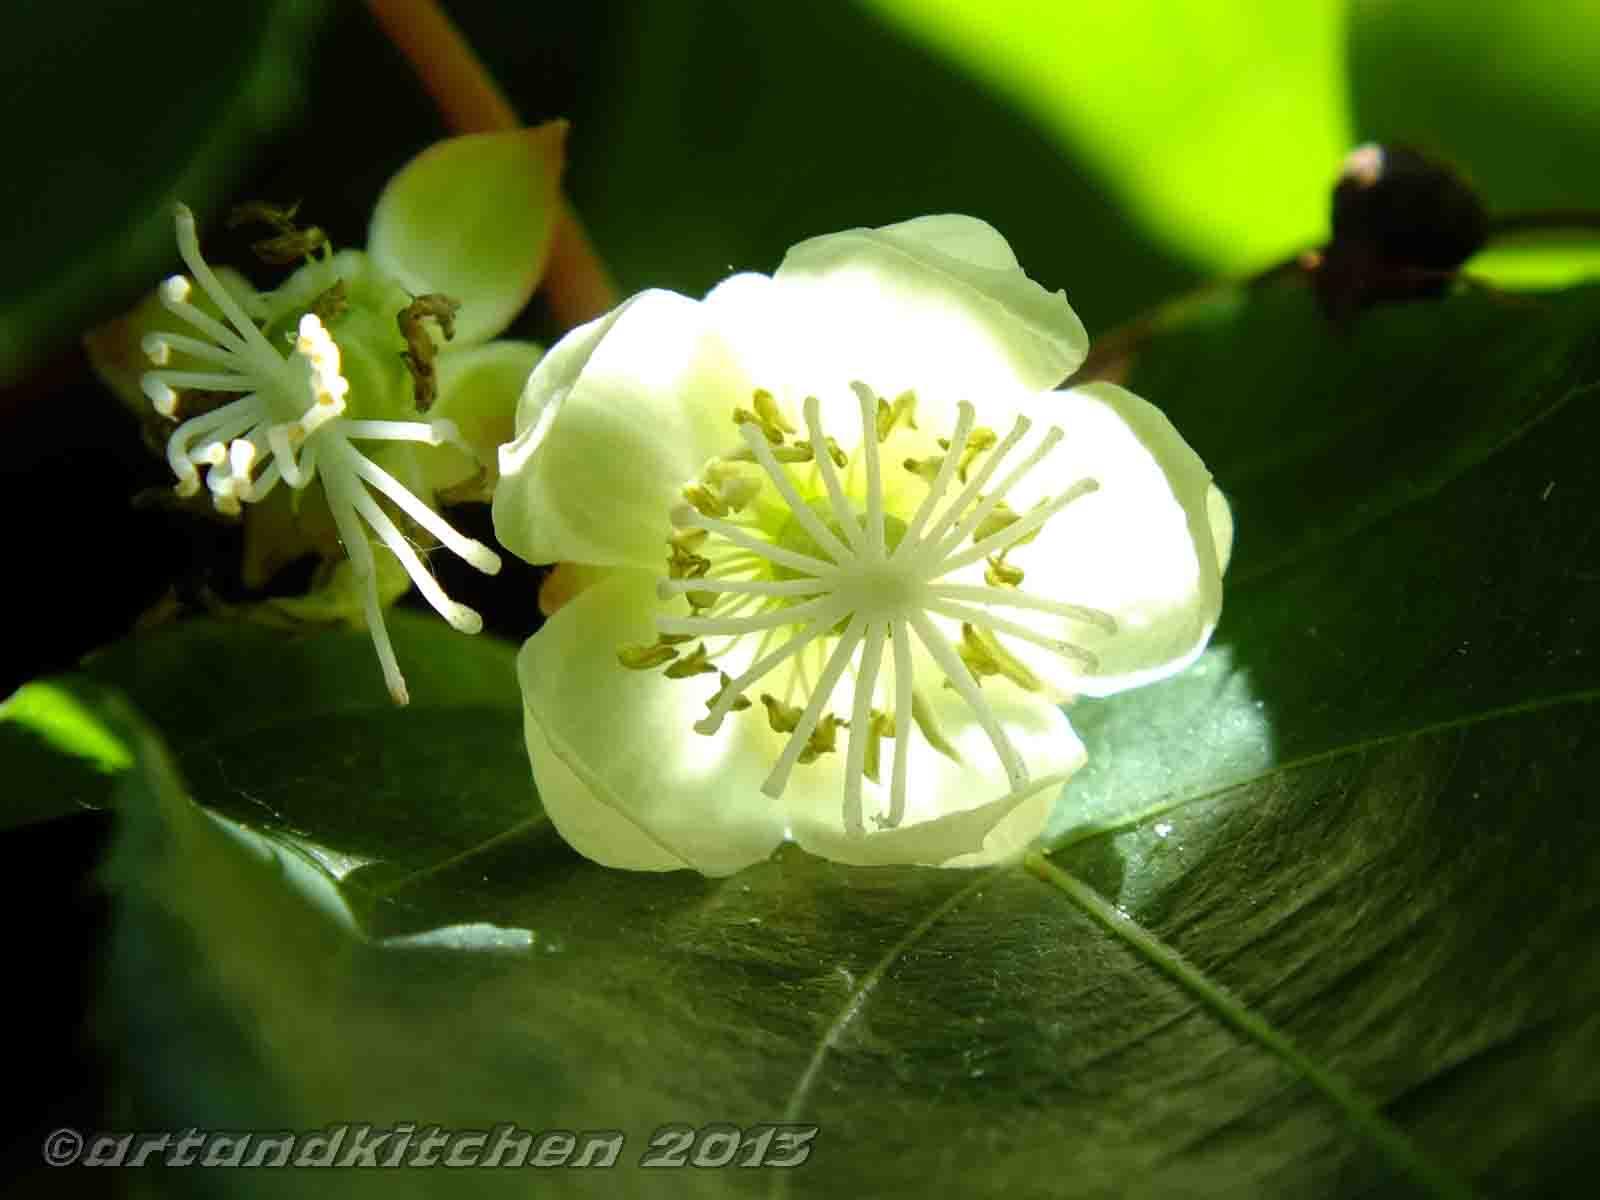 Kiwi Flower Artandkitchen